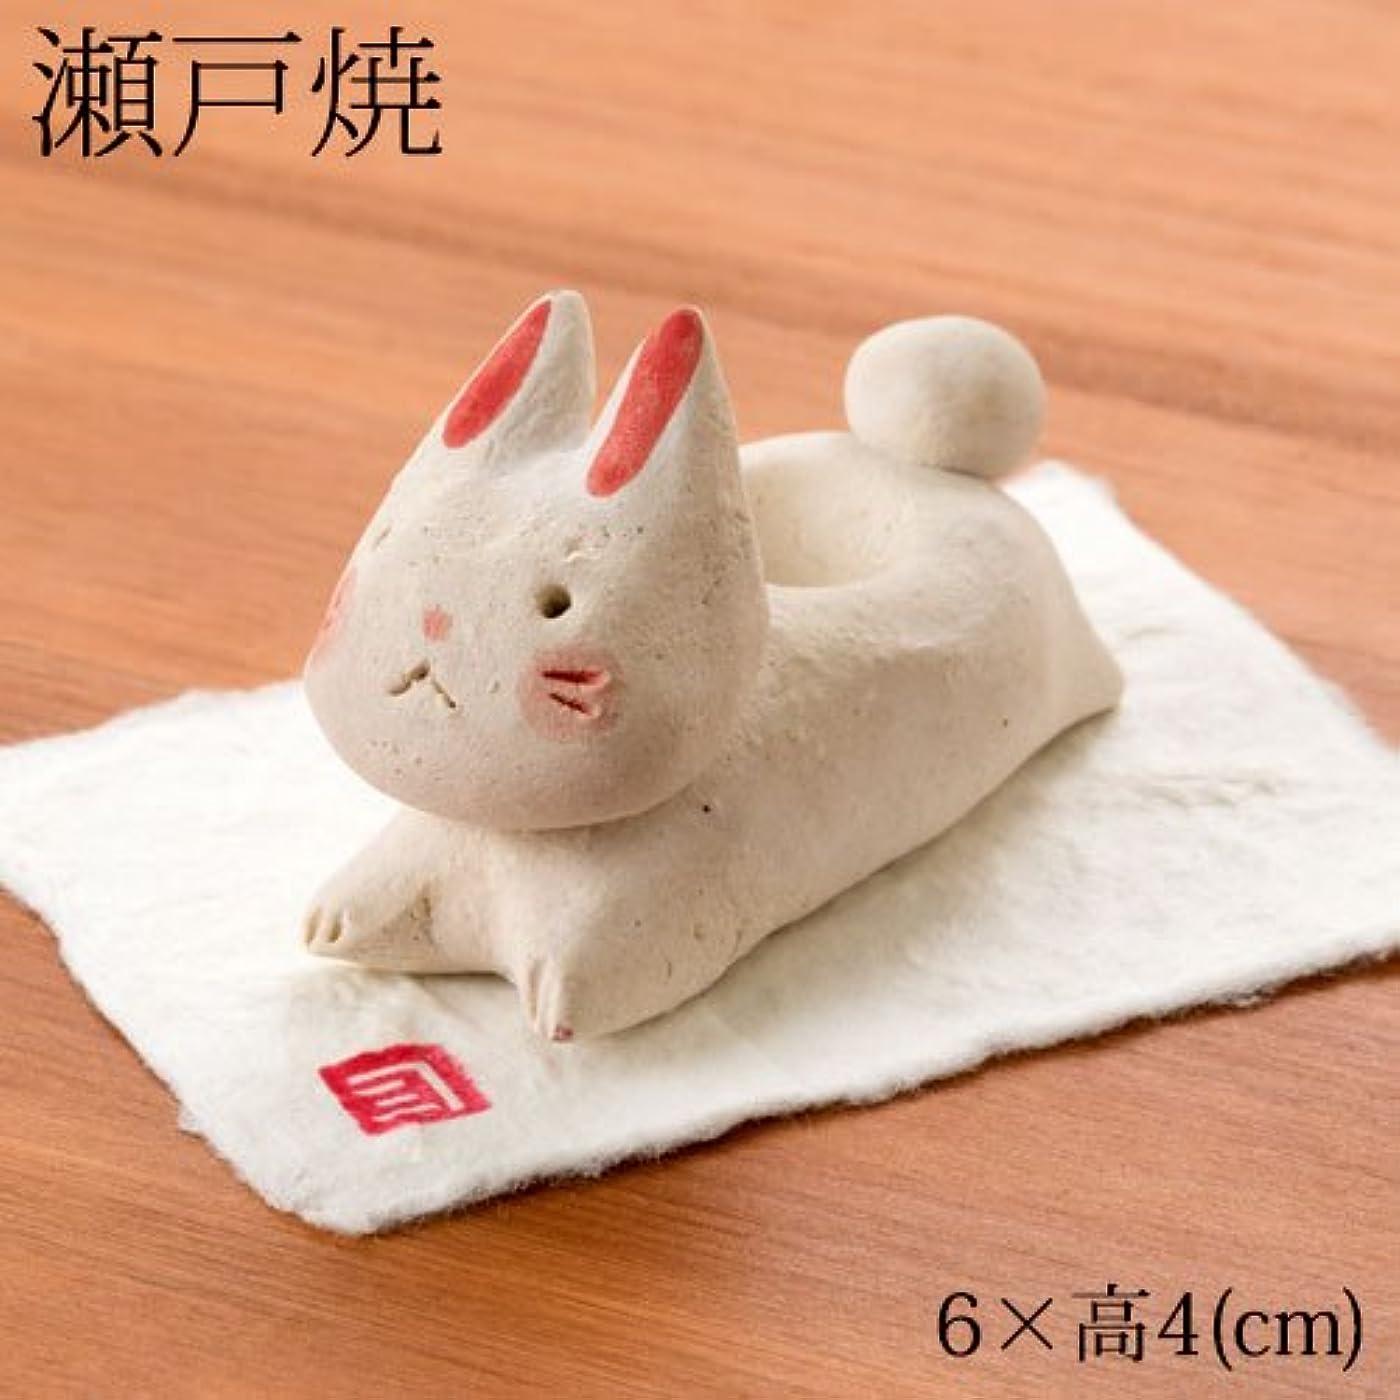 屋内で普通に虚弱瀬戸焼兎アロマストーン (K6302)愛知県の工芸品Seto-yaki Aroma stone, Aichi craft